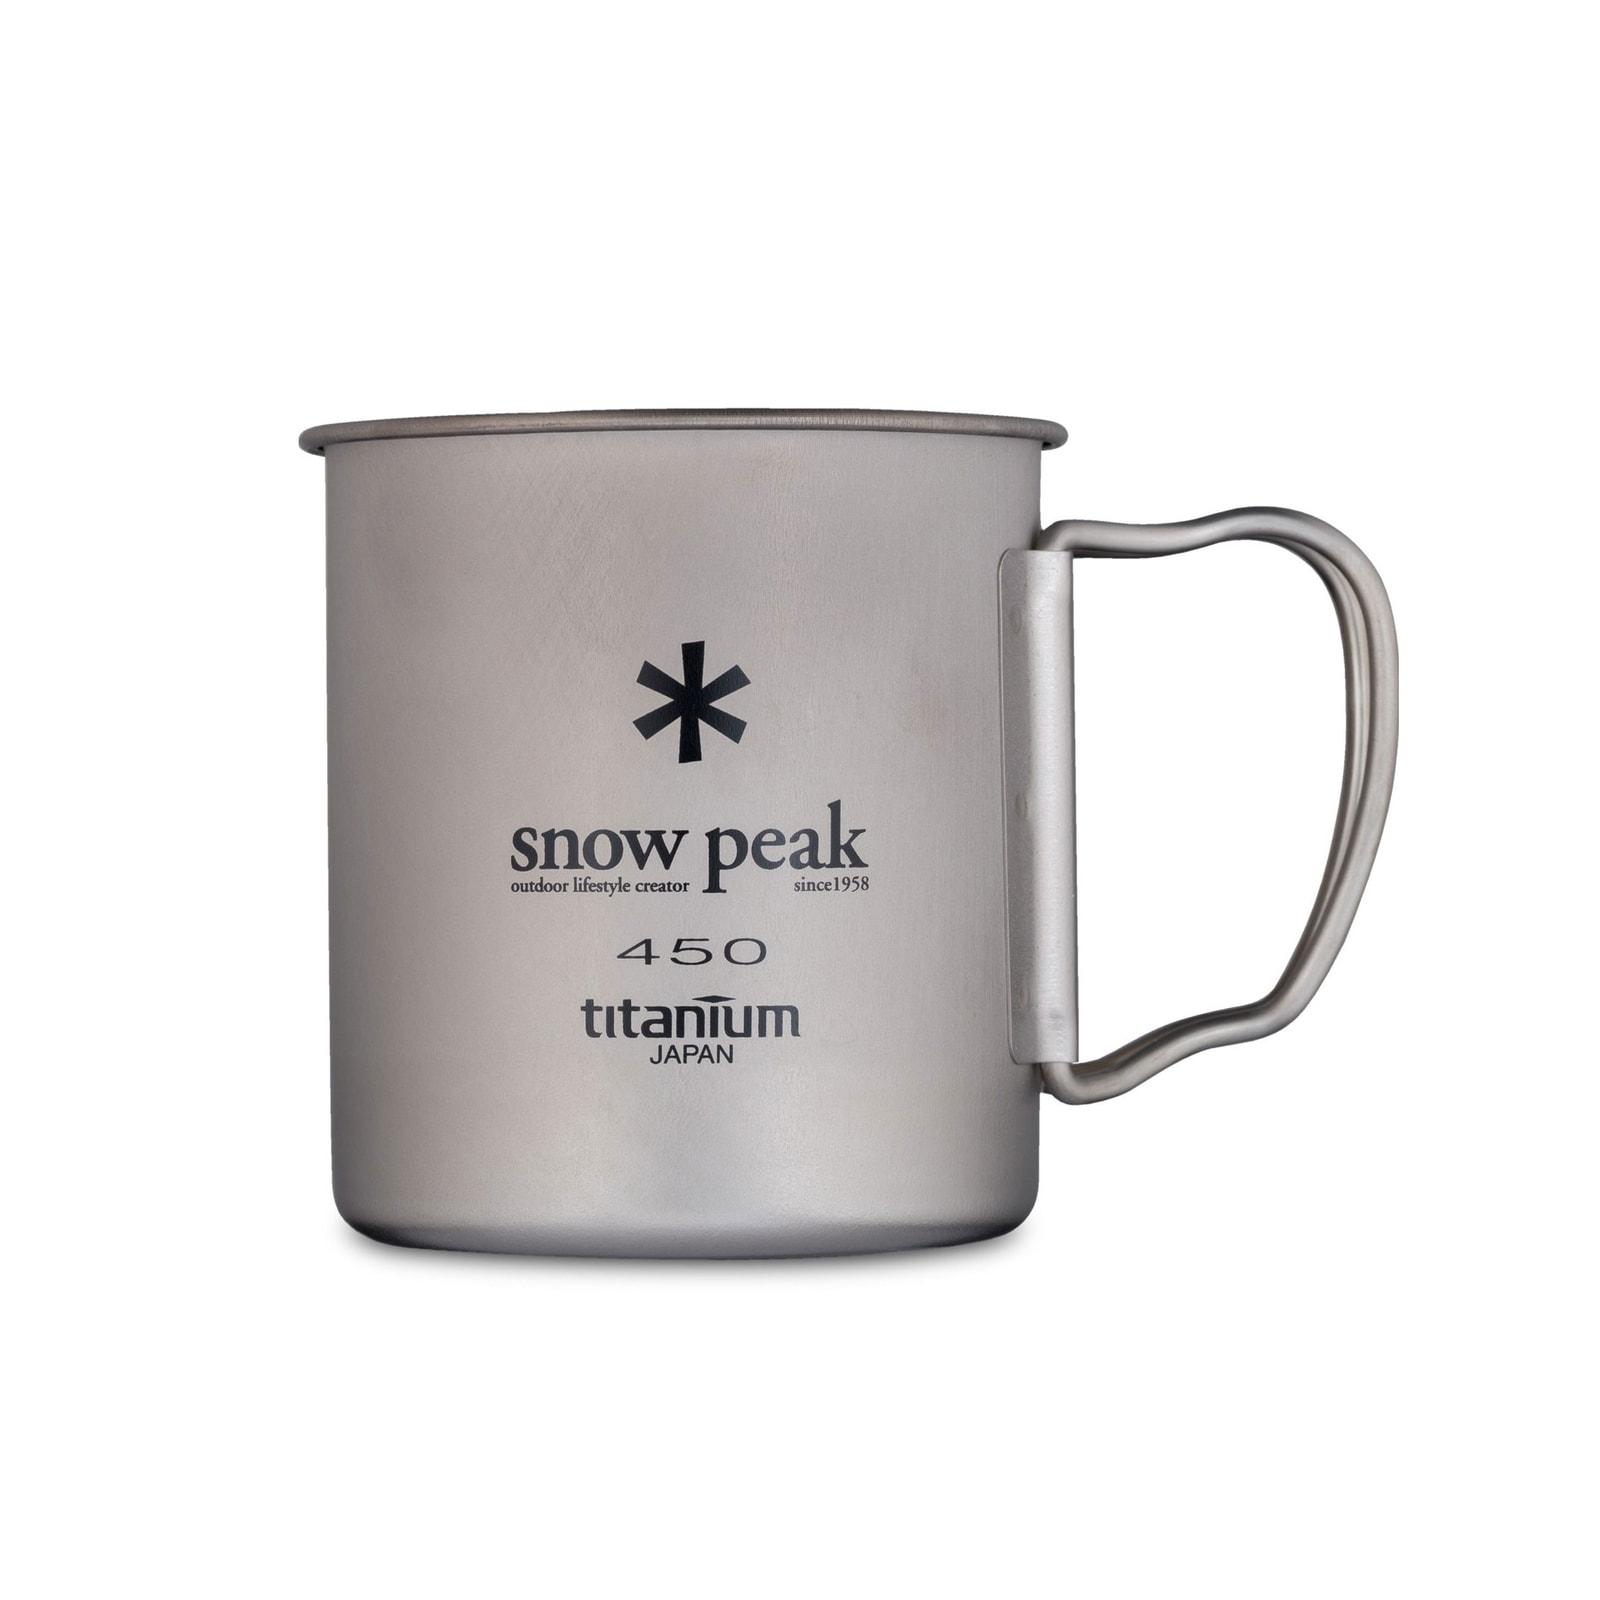 Snow Peak Titanium Cup